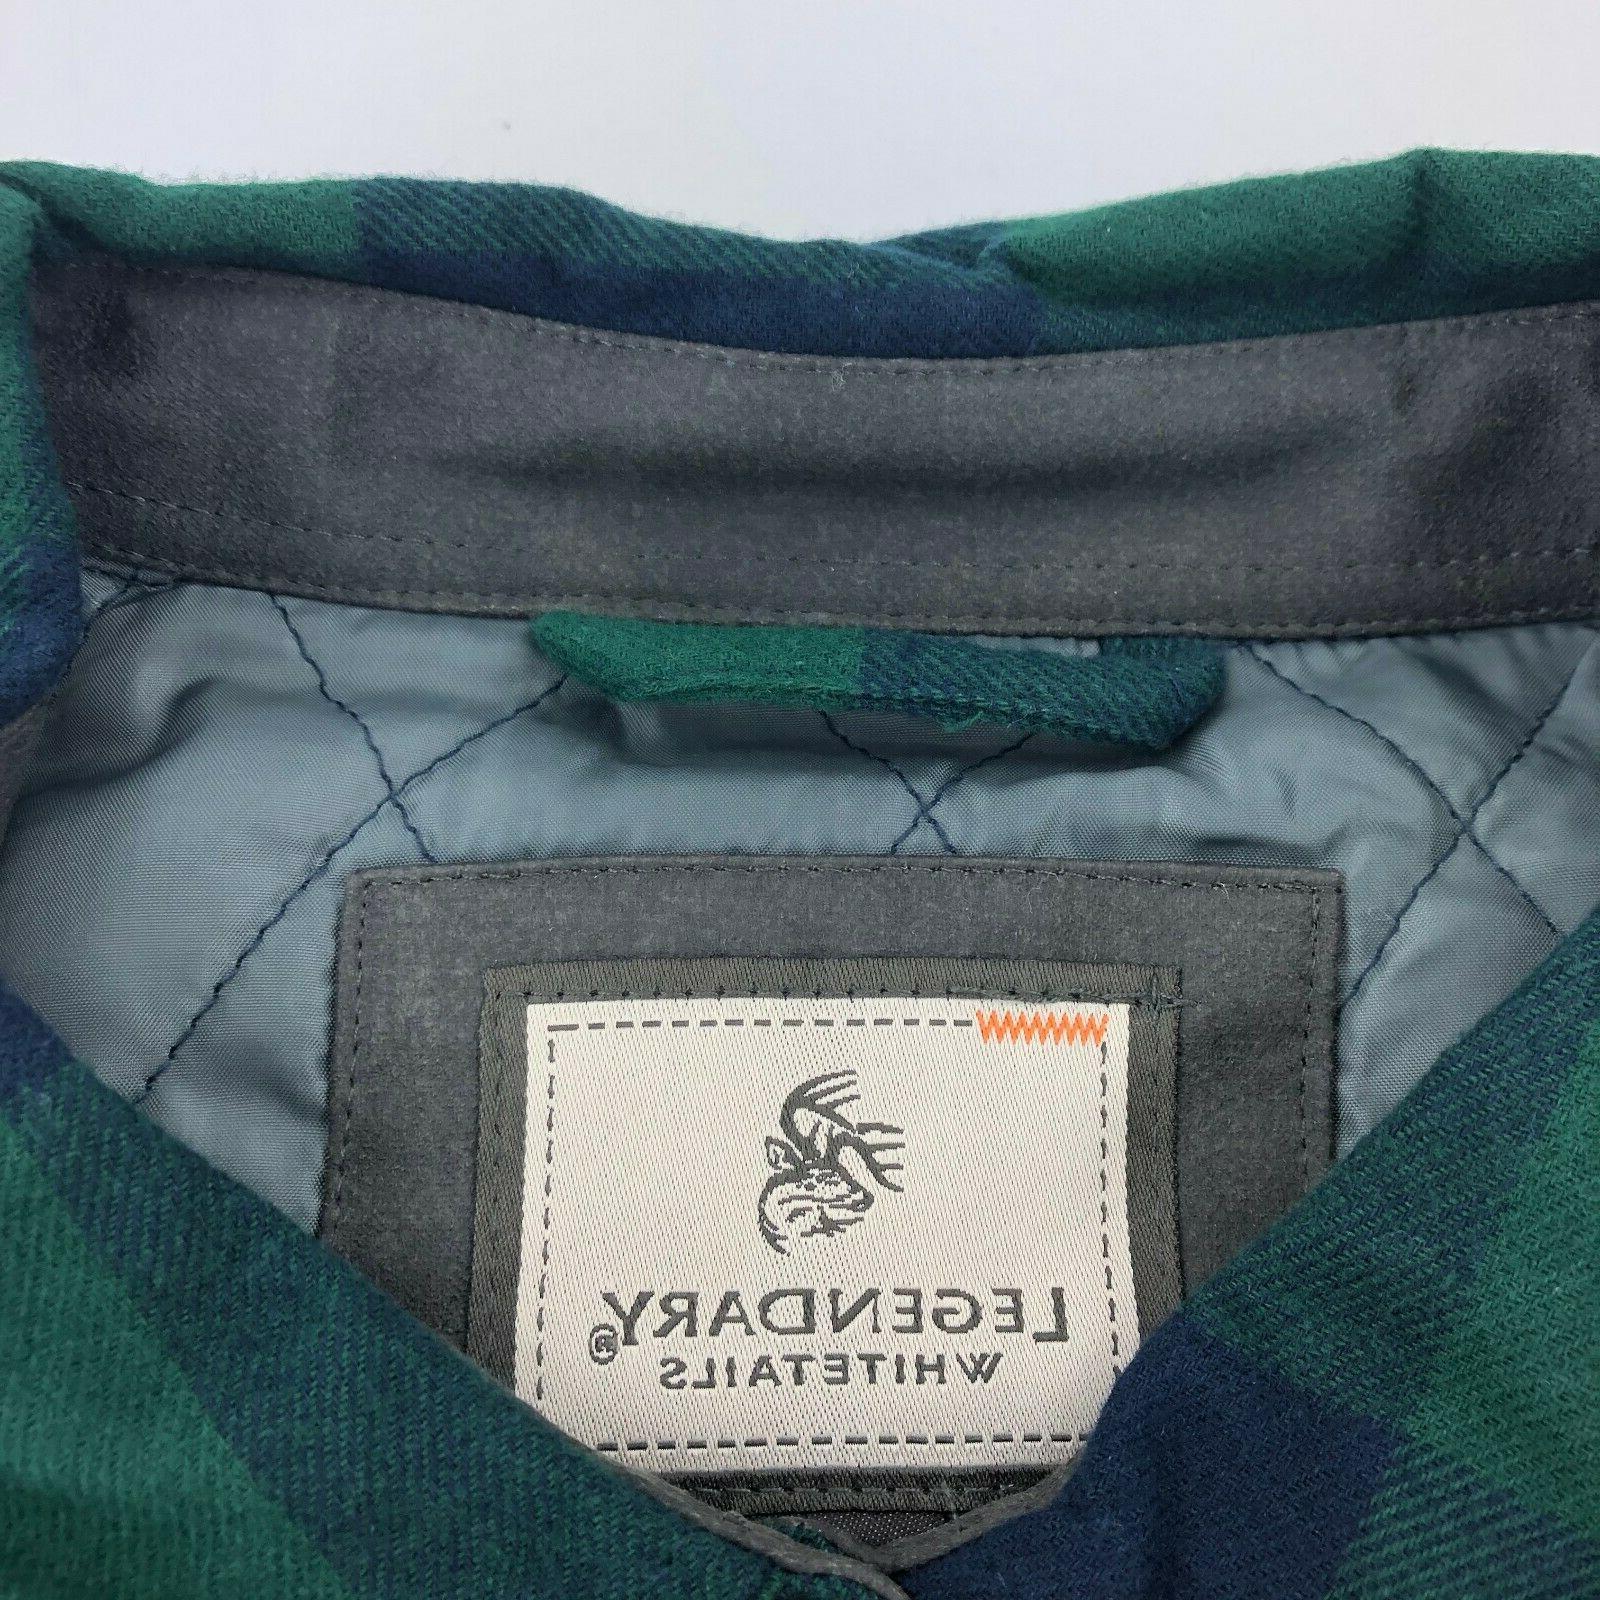 Legendary Whitetails XL Woodsman Quilted Shirt Green Plaid BOBR A85